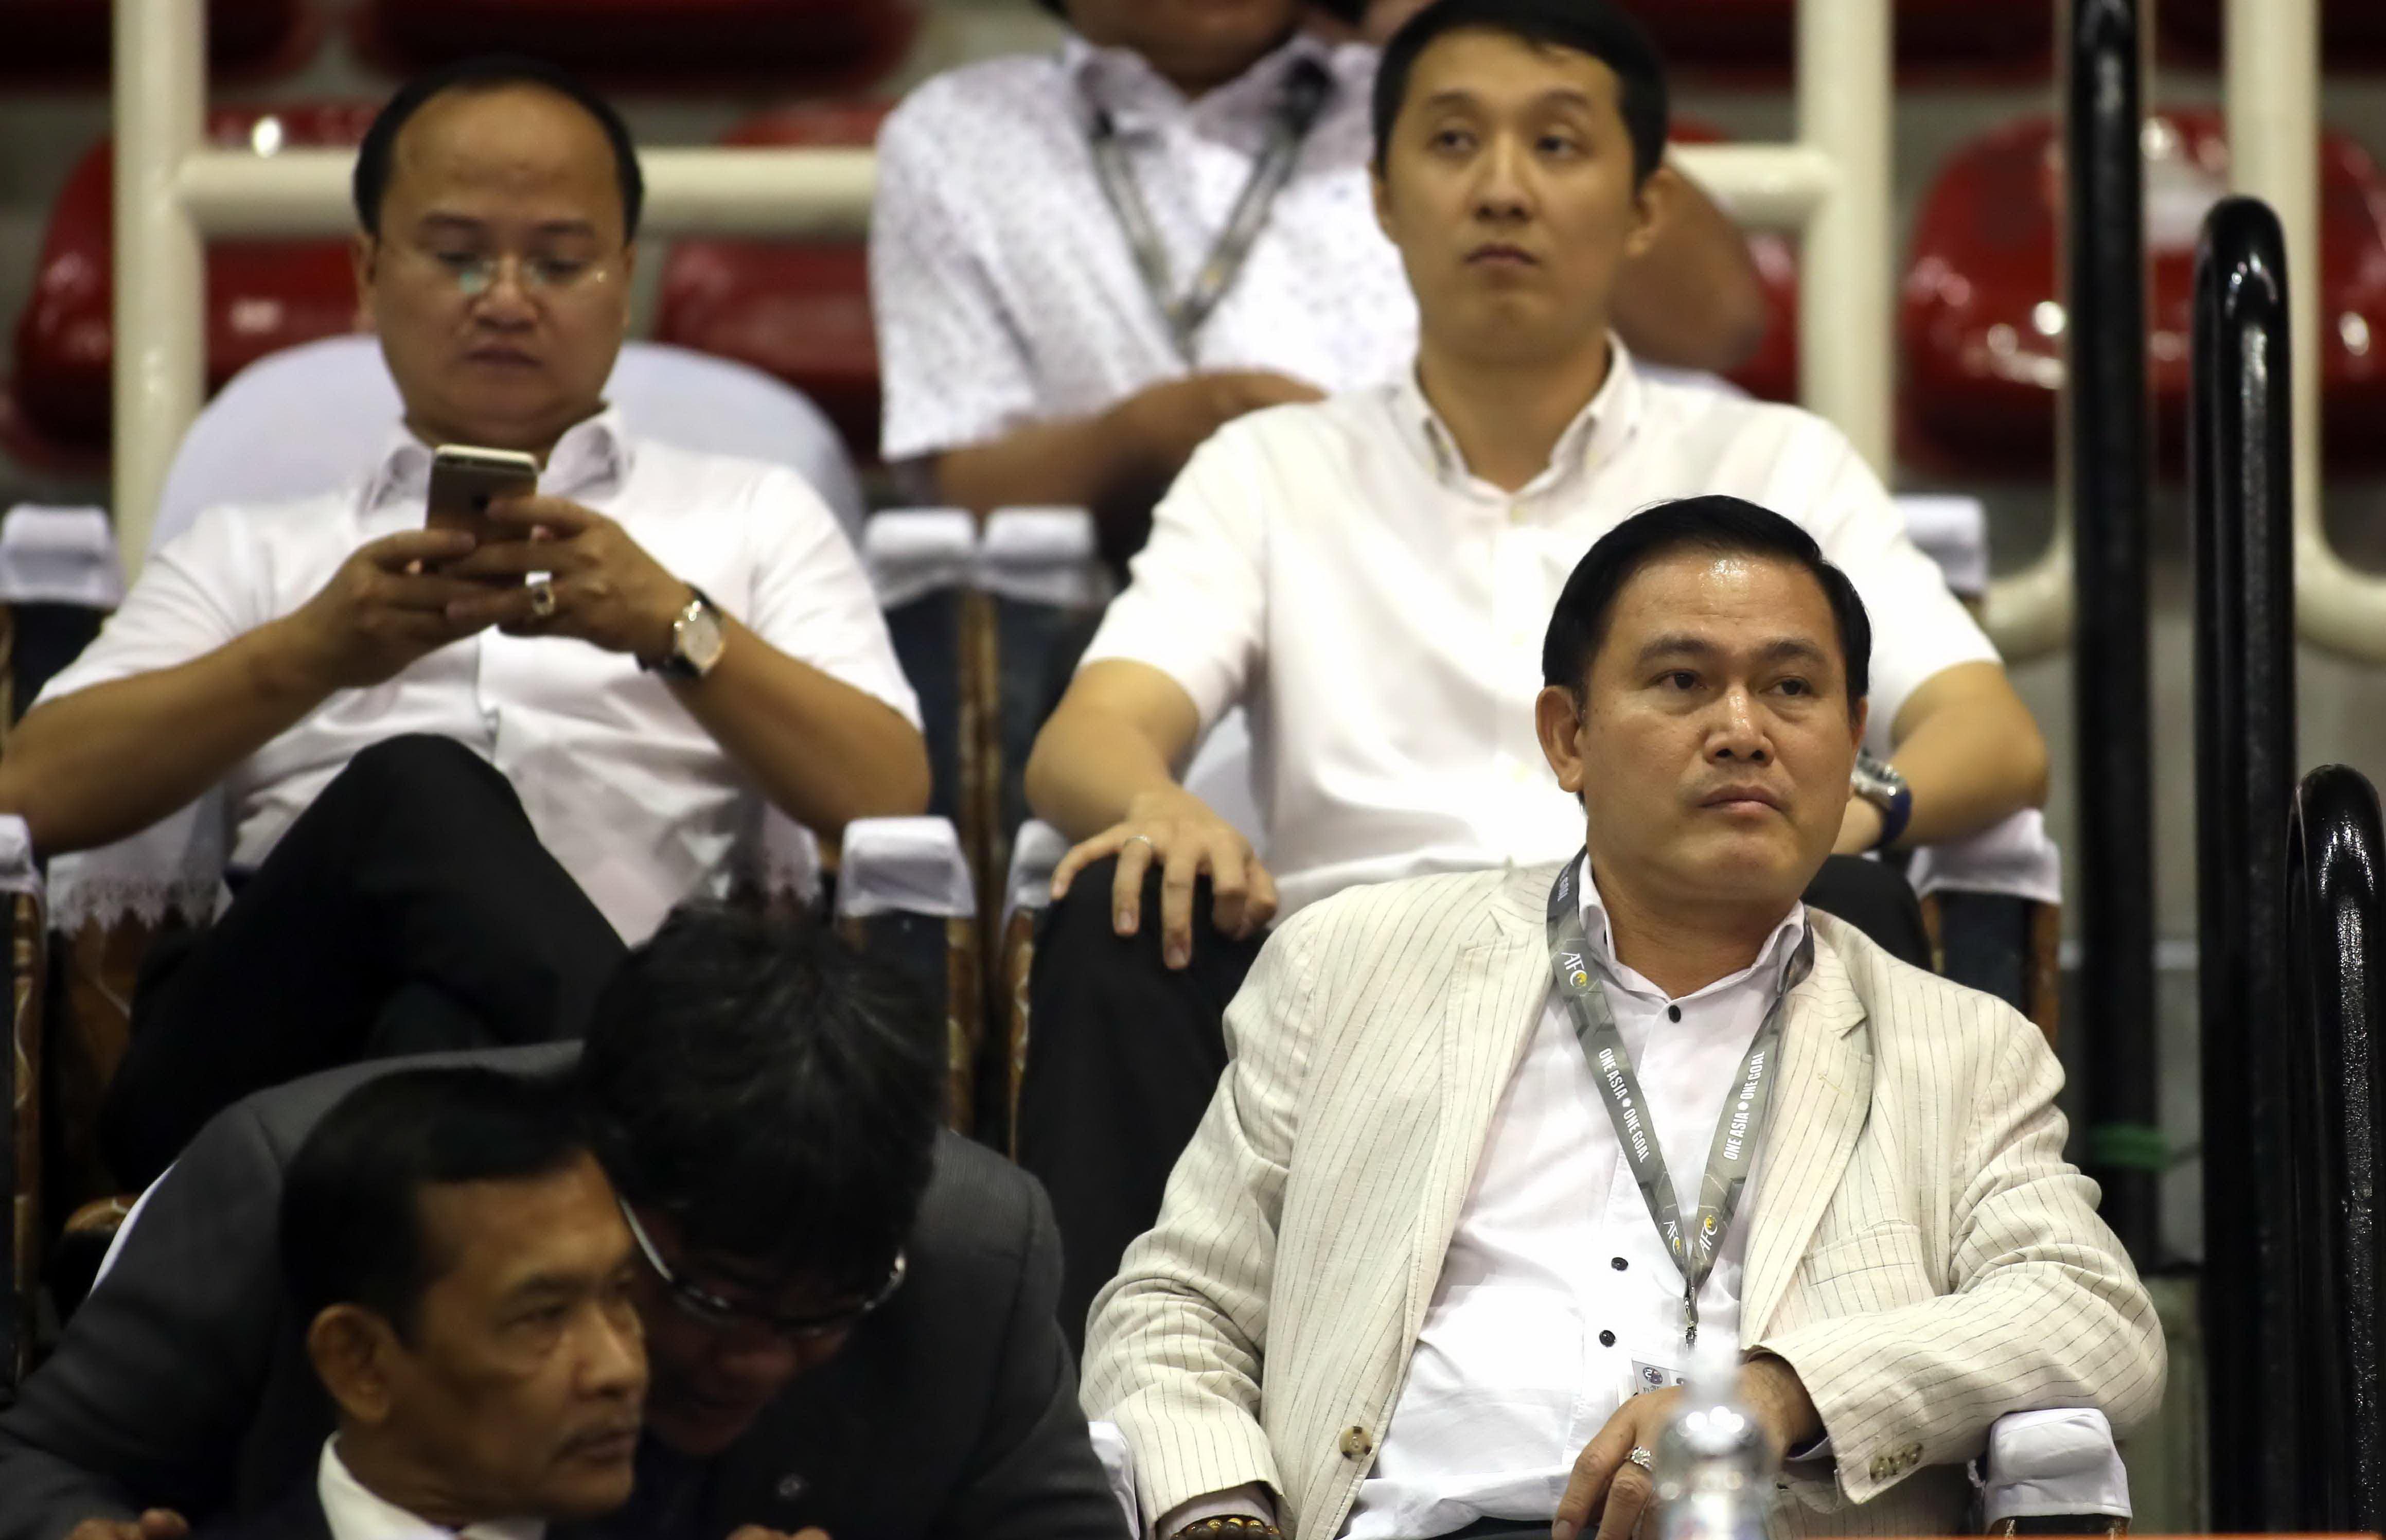 Ông Trần Anh Tú (bìa phải) dự khán Giải futsal Đông Nam Á 2017 Ảnh: N.K